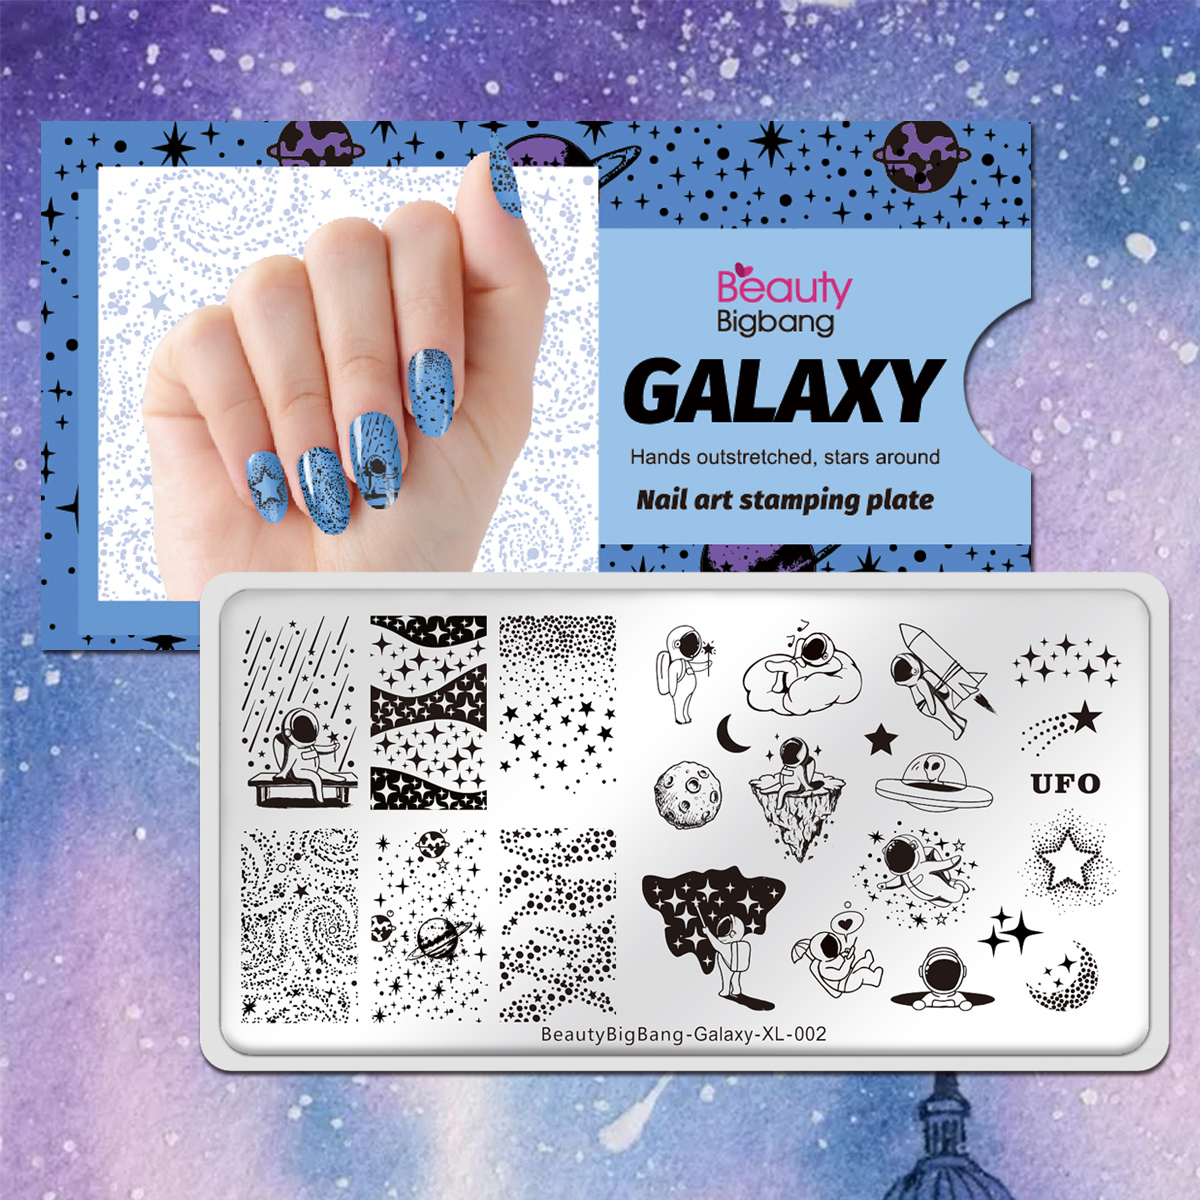 Beautybigbang placas de carimbo galaxy 002 estrelas céu universo astronauta imagem 6*12cm de aço inoxidável arte do prego stencil modelo